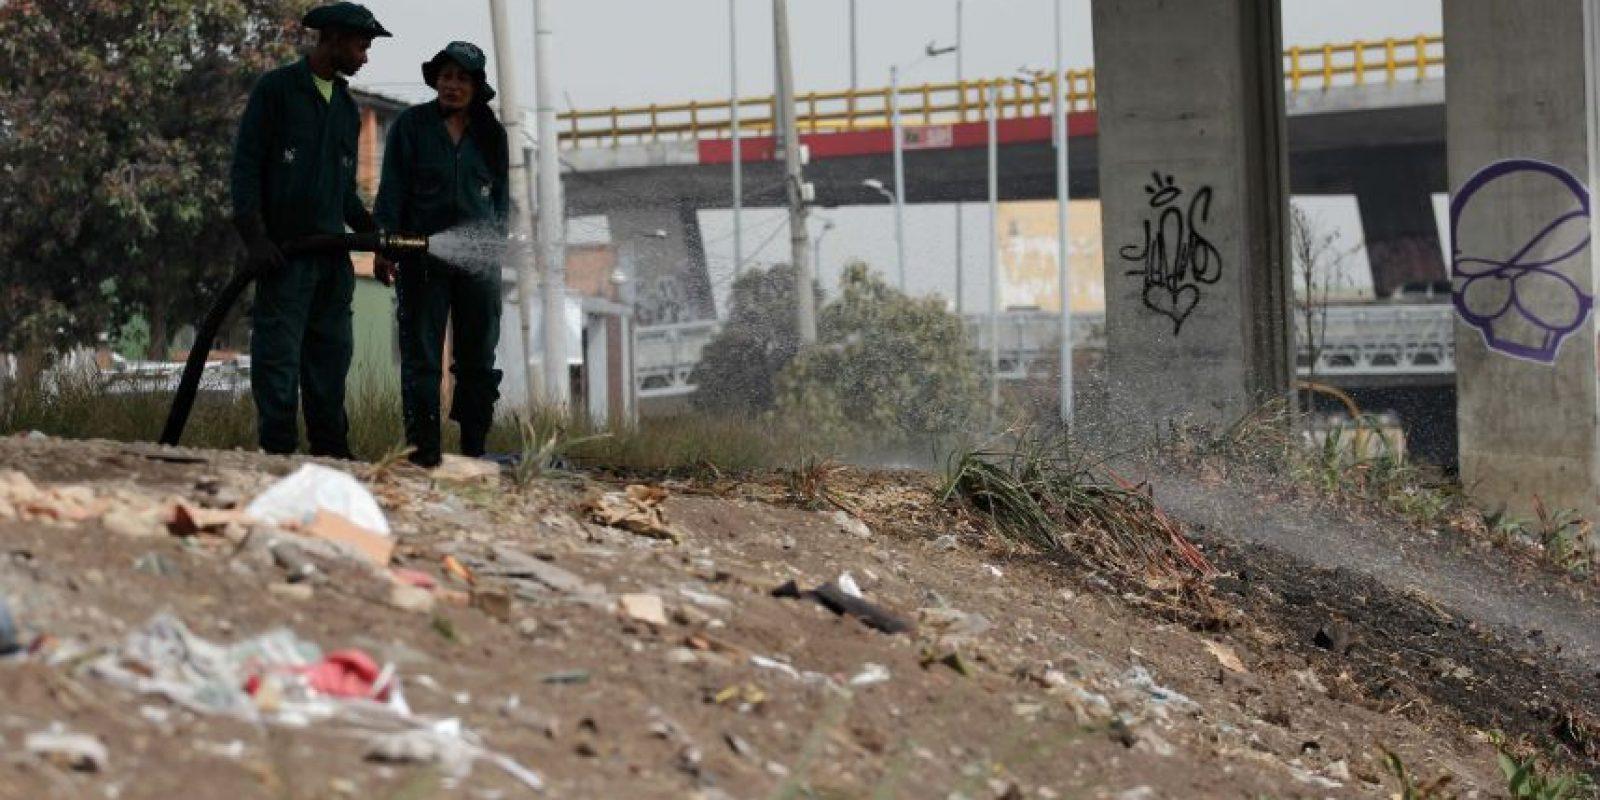 Habitantes de calle buscando entre la basura. Foto:Juan Pablo Pino-Publimetro